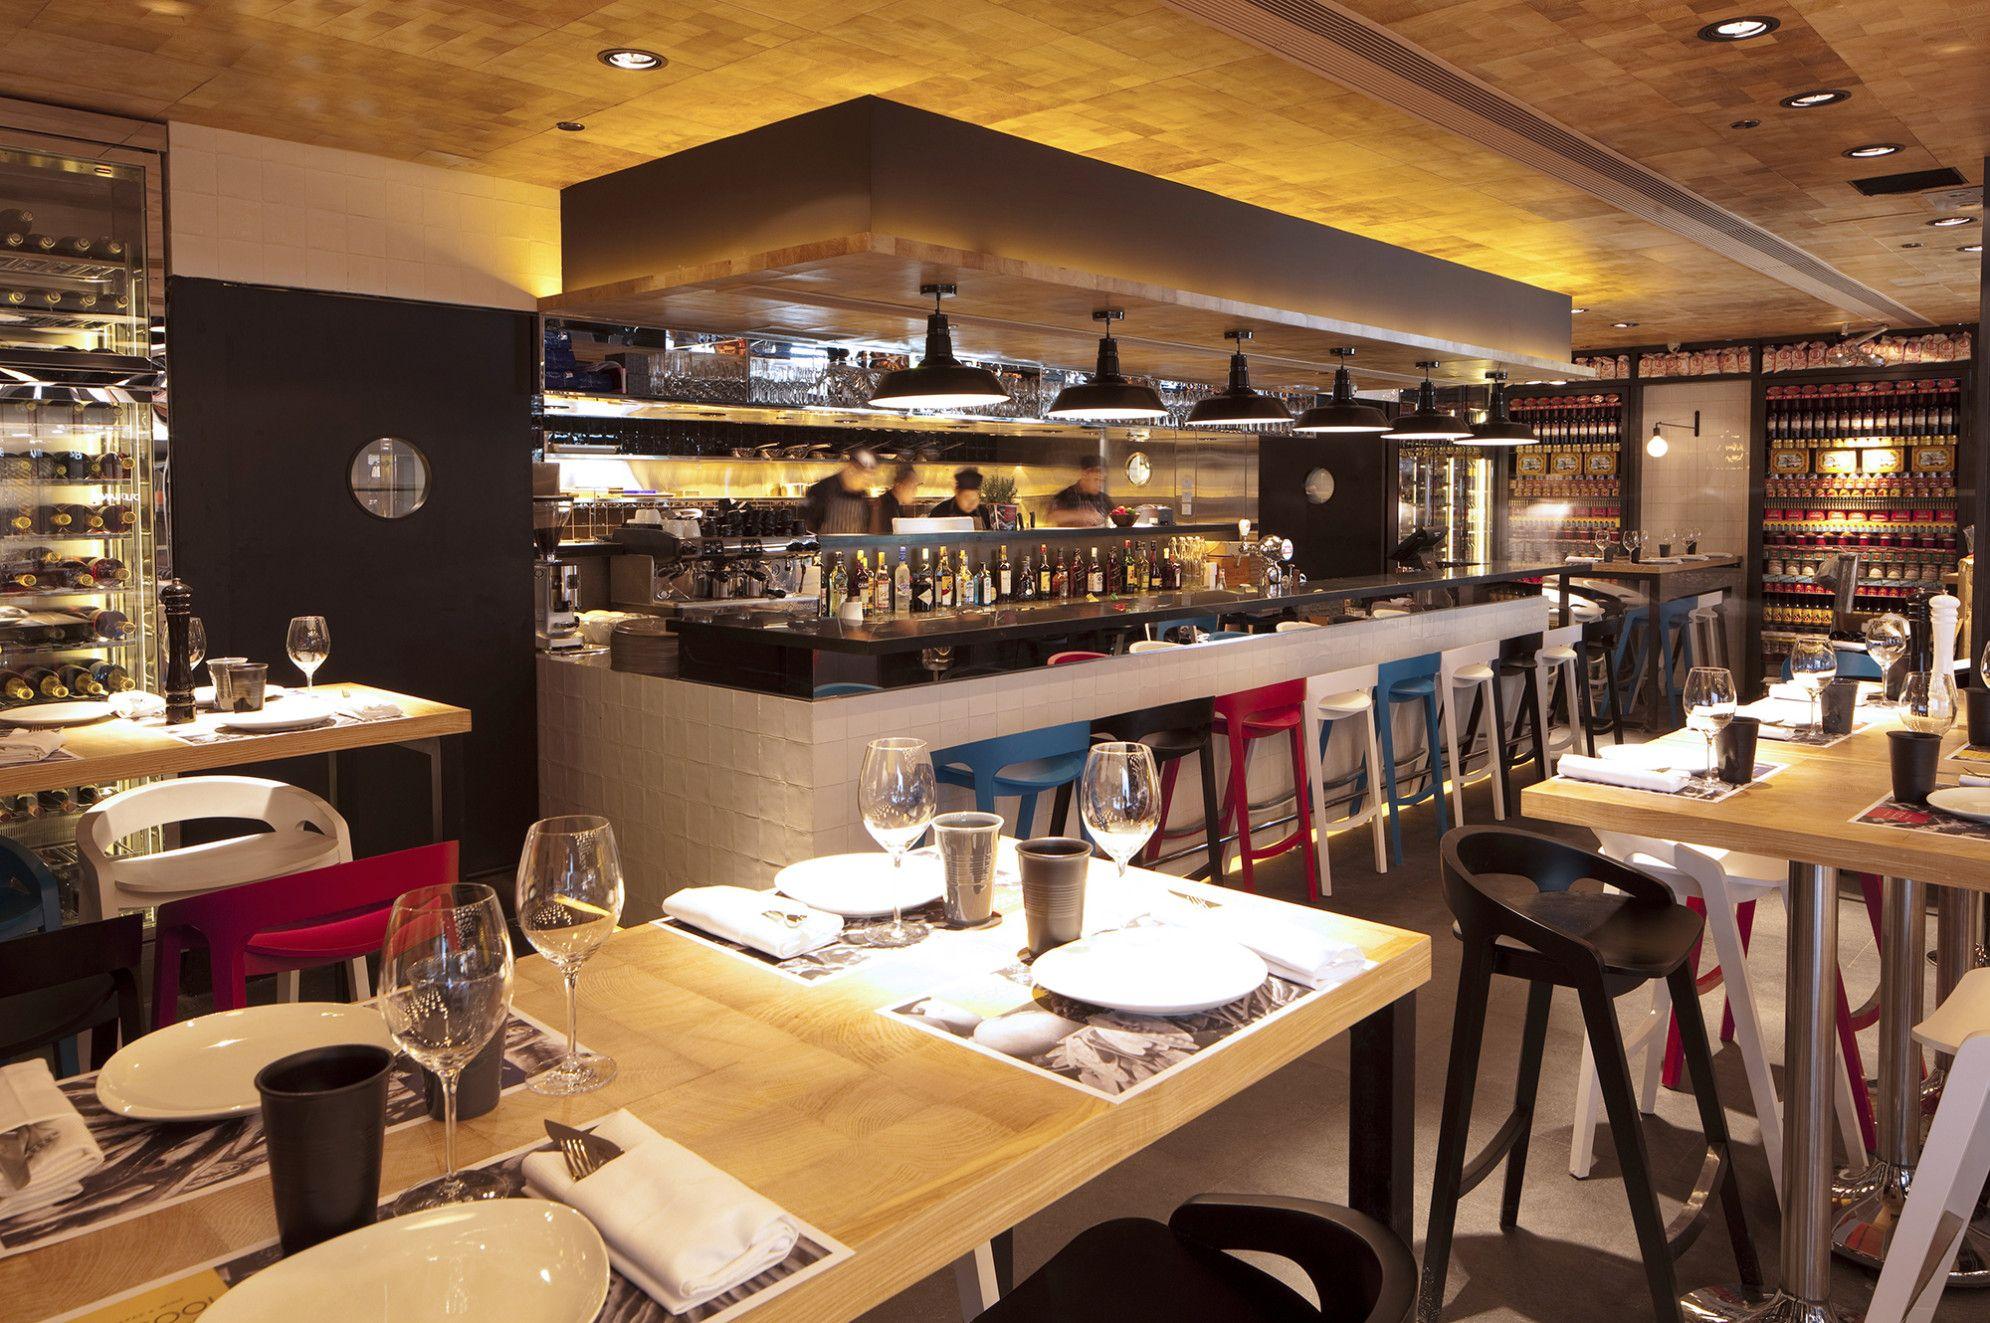 Restaurant Kitchen Storage onze 13x13 cotto wandtegels gebruikt voor de bar bavn vi cool